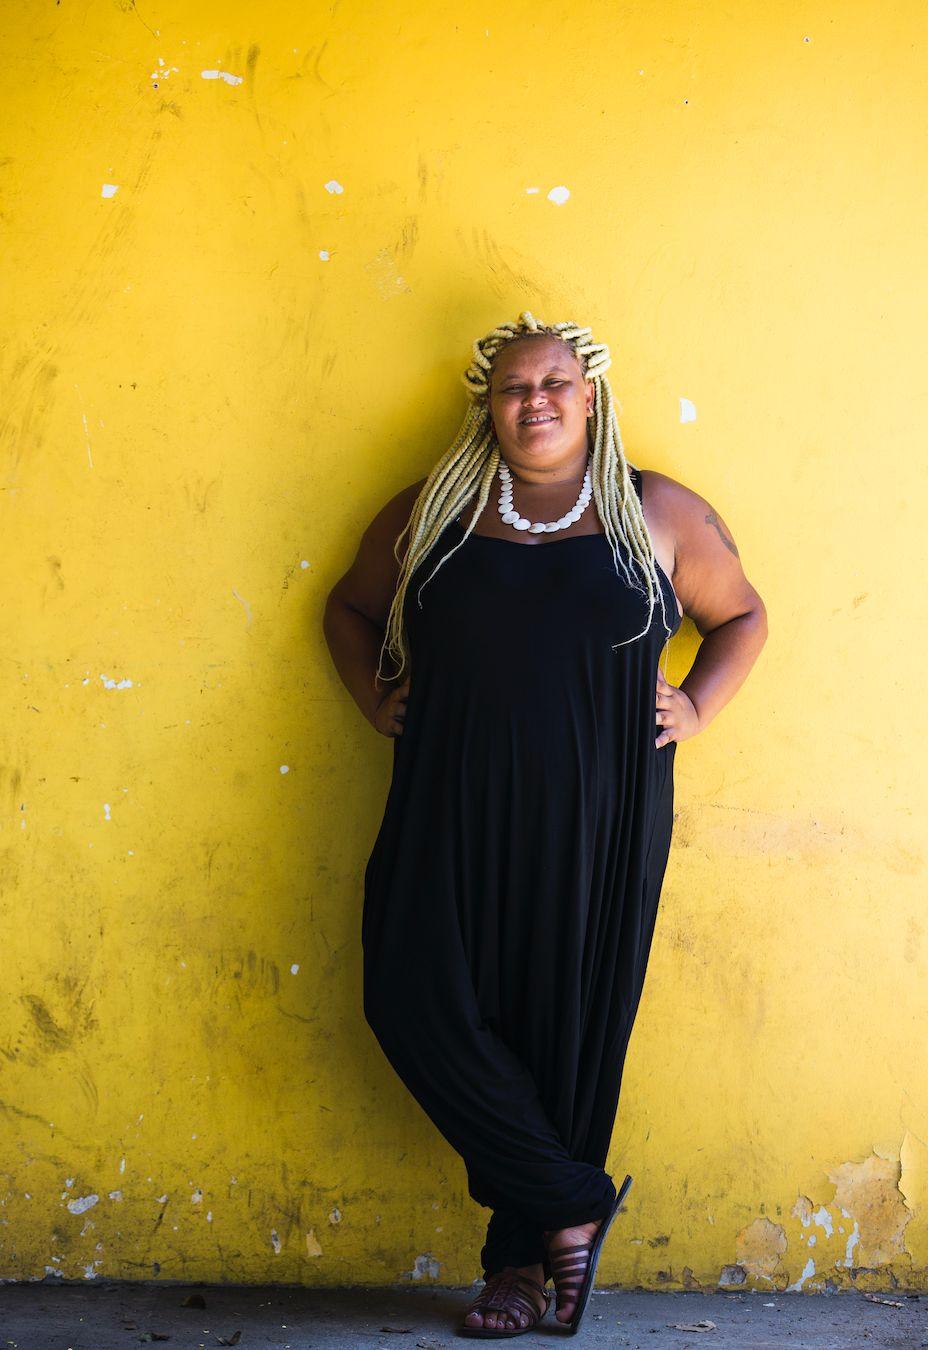 Conseguir viver de arte no Rio de Janeiro não é fácil, mas é o desejo de...